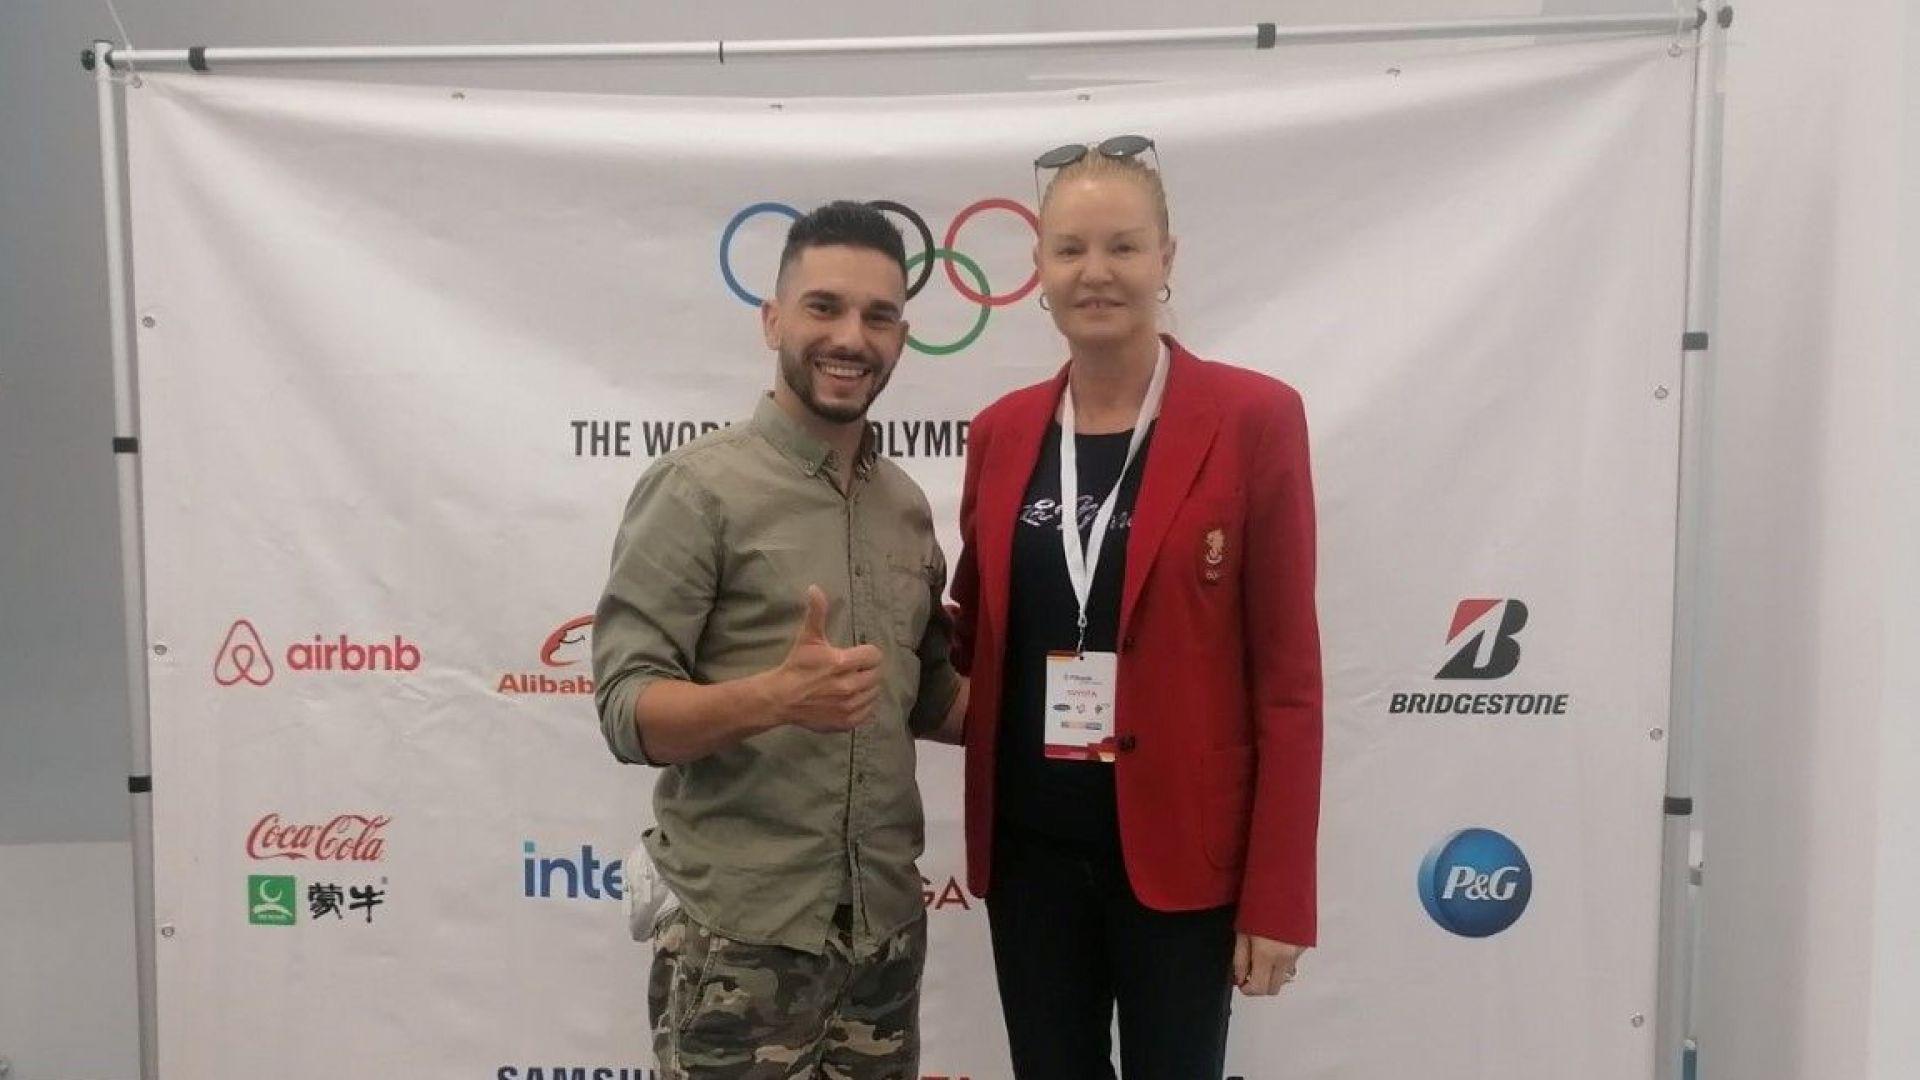 БОК прие за членове федерациите на нови олимпийски спортове